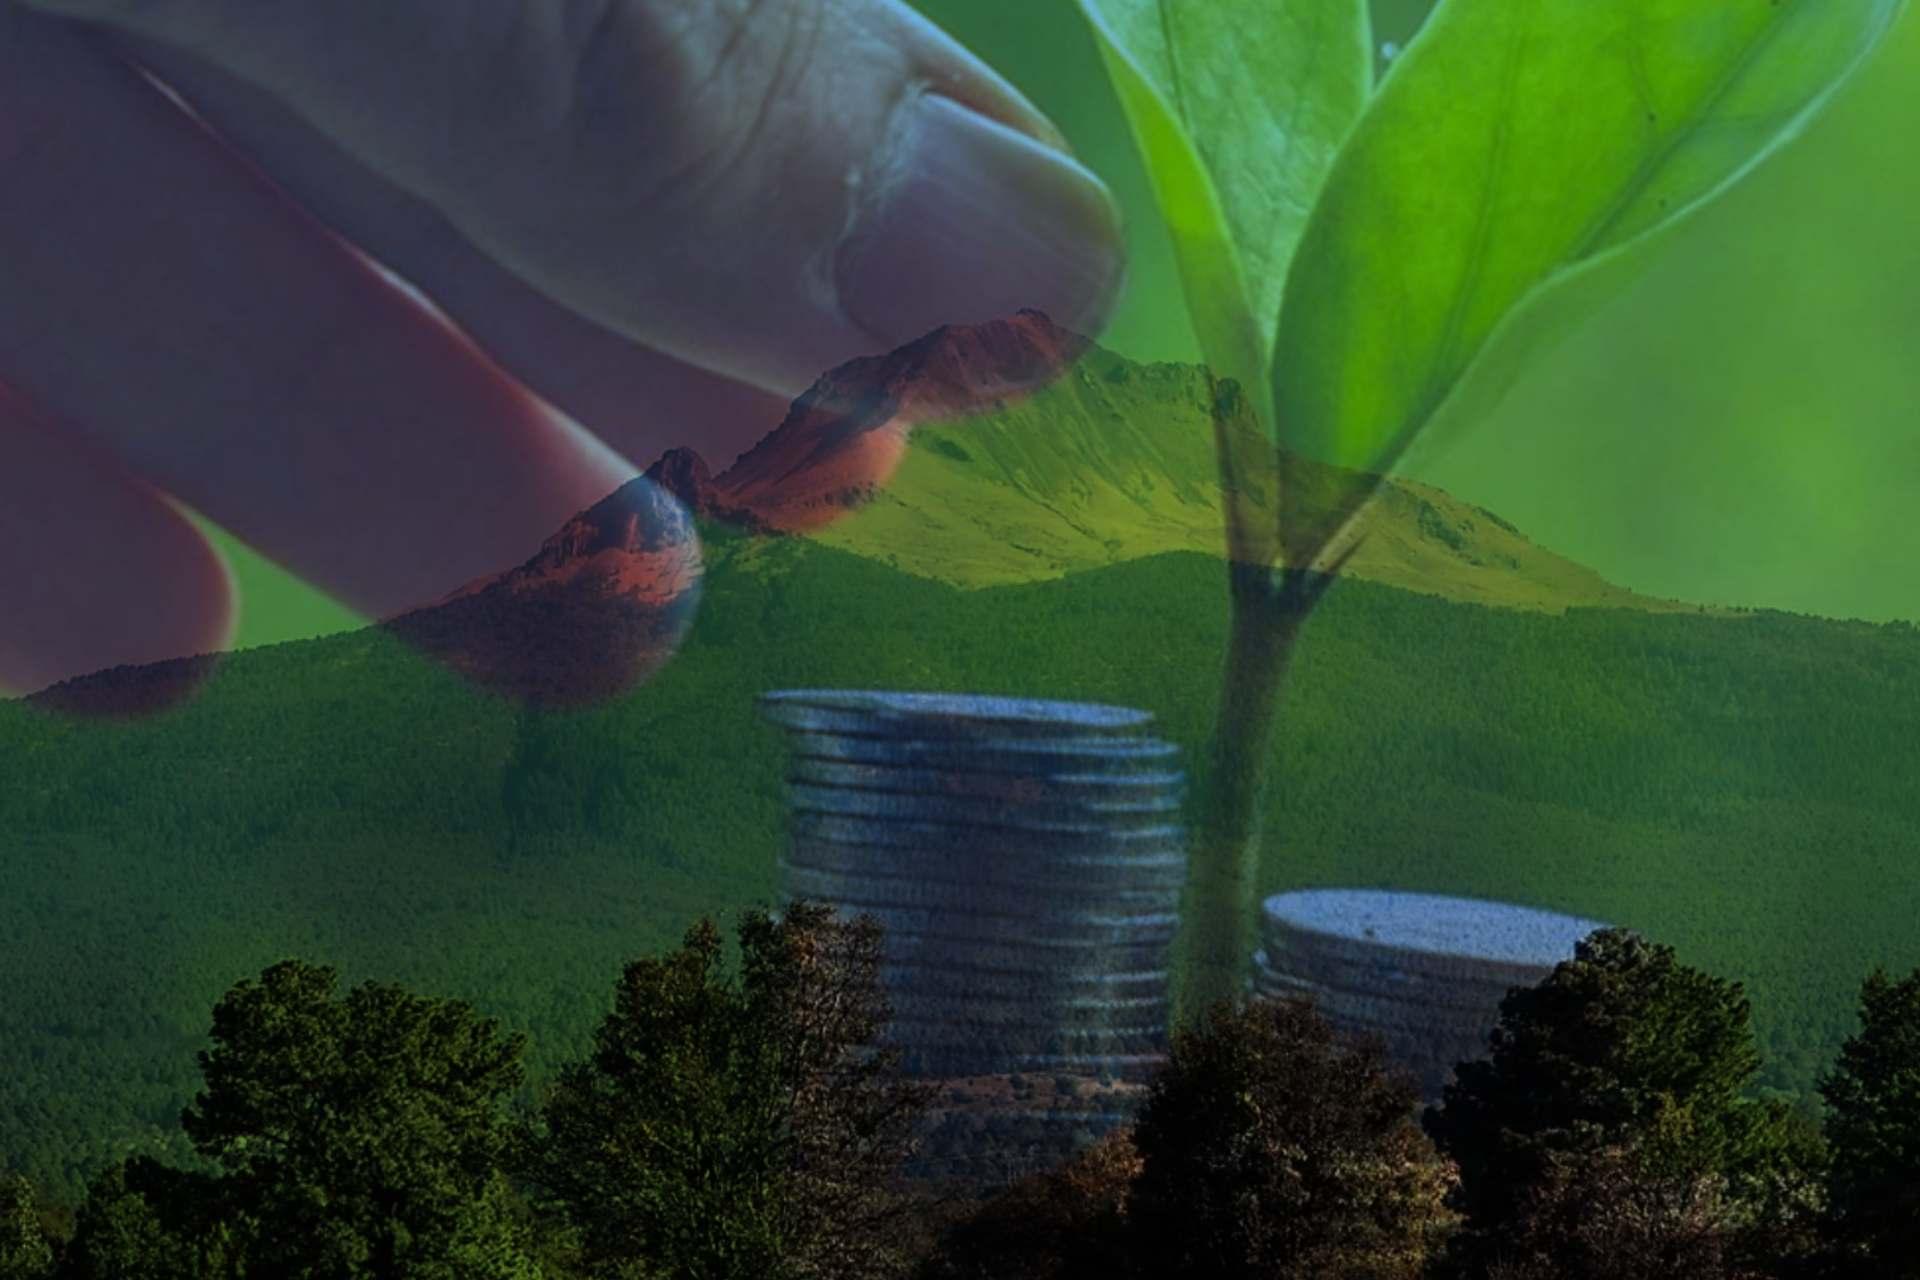 bonos-verdes-malinche-Tlaxcala-reforestación-liderazgo-joven-rafa-salas